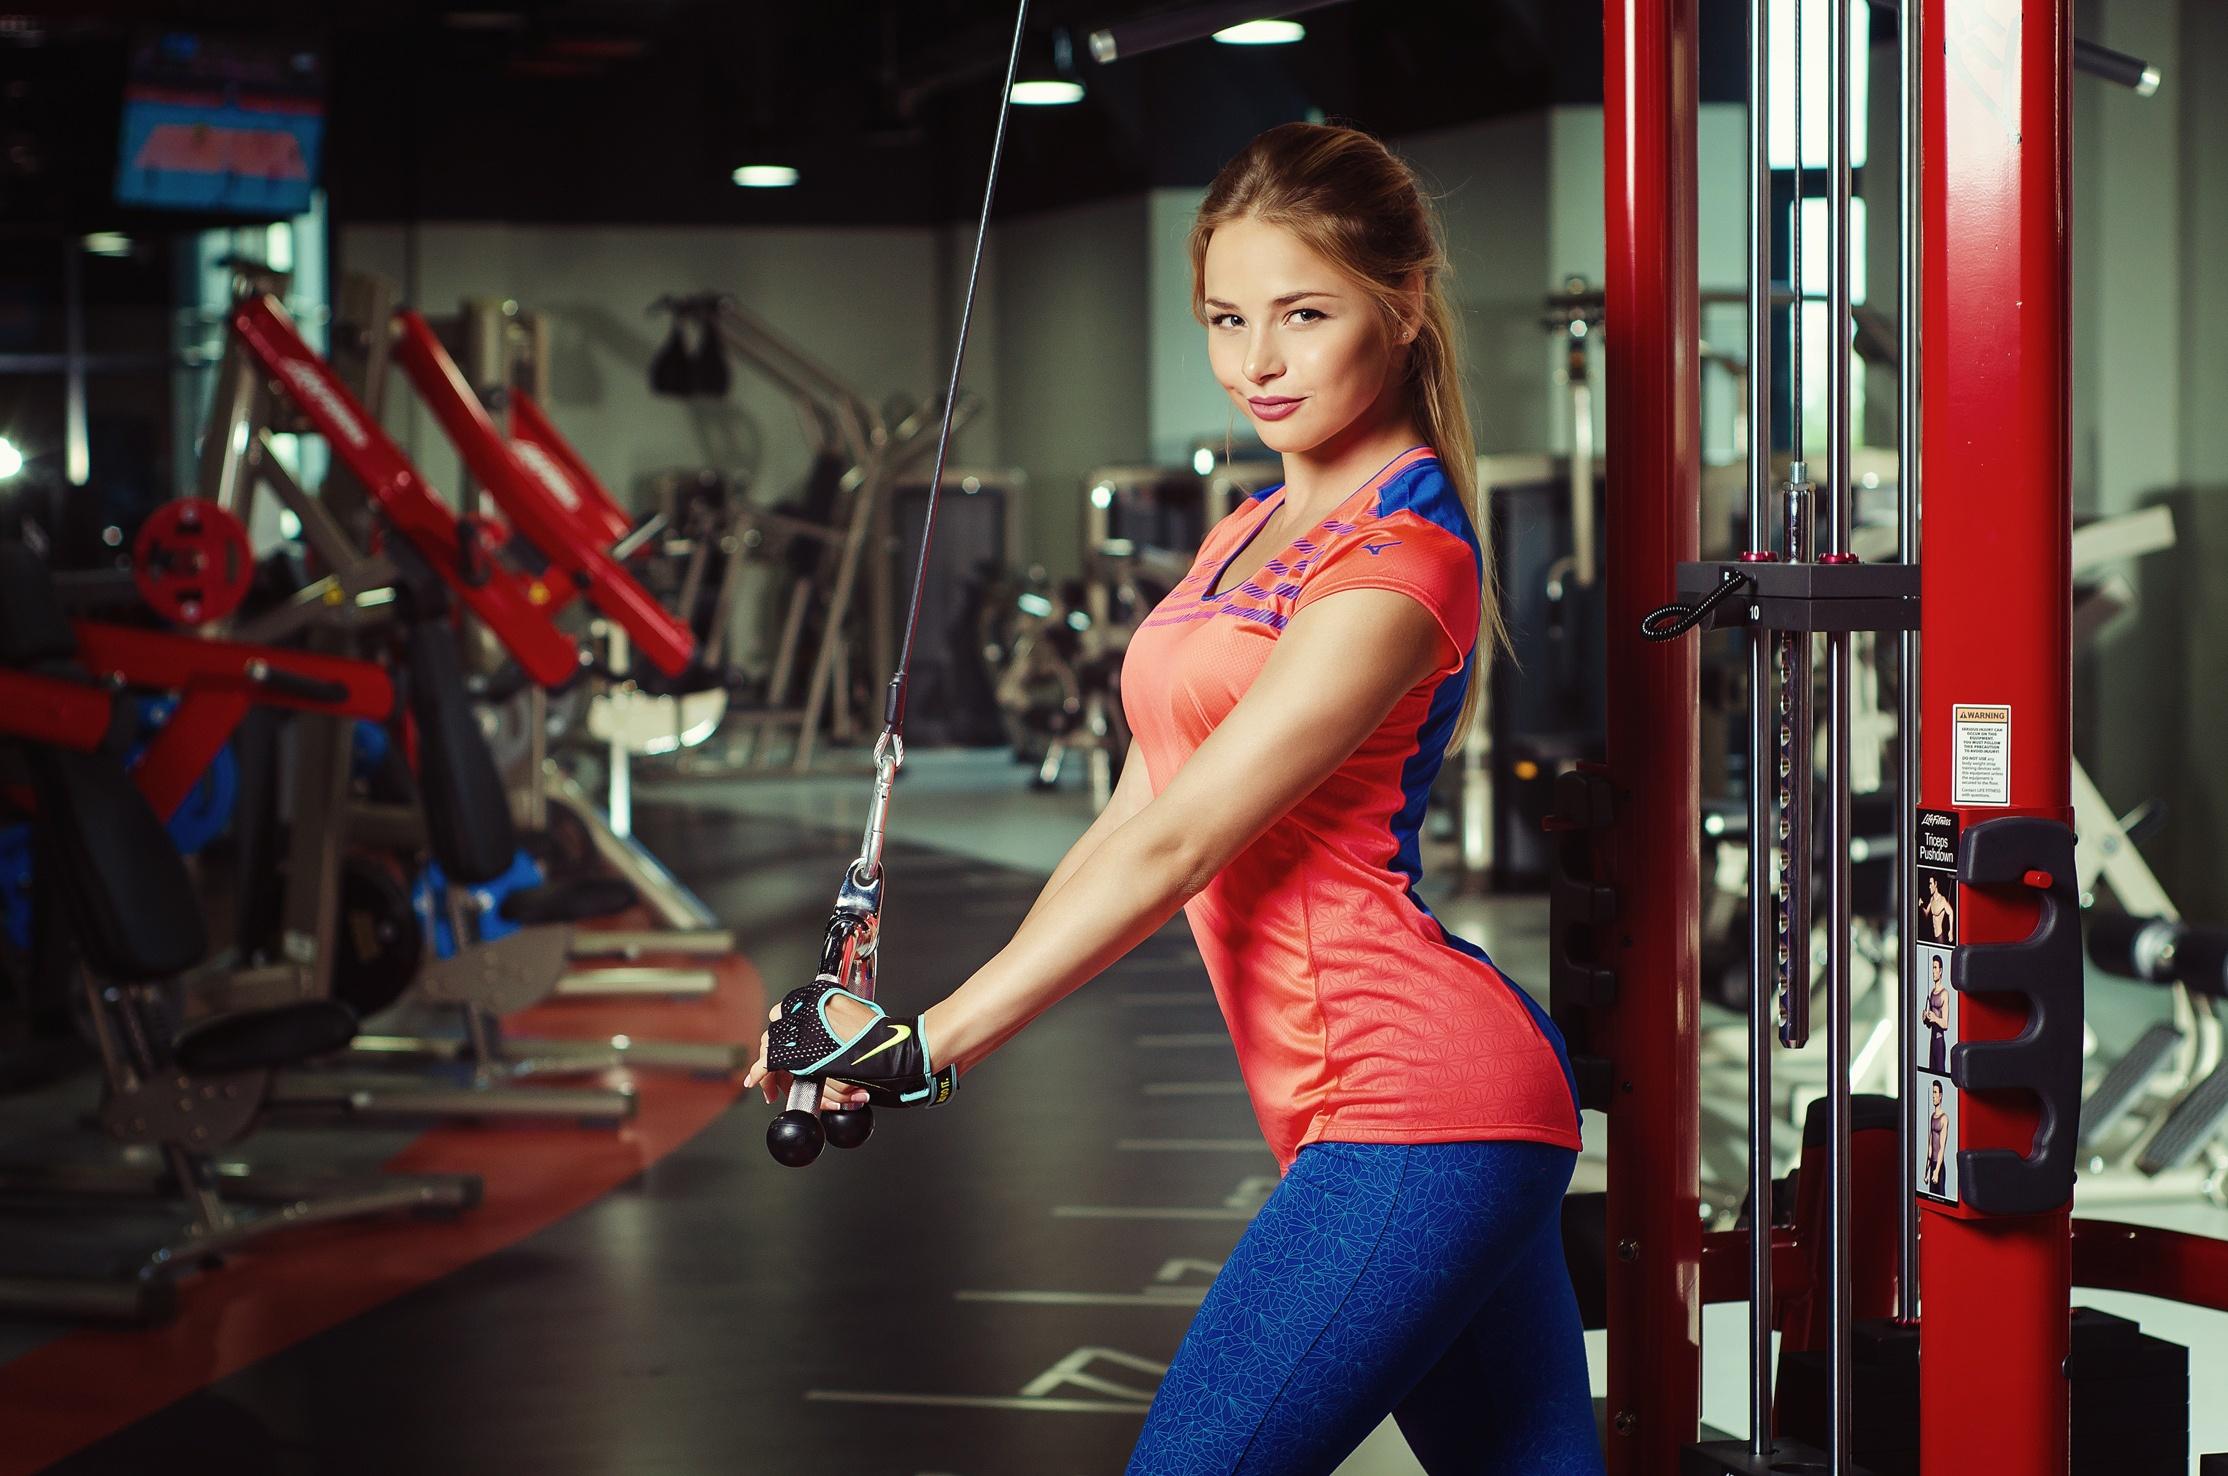 Фотографии шатенки Nikolas Verano красивая Фитнес девушка спортивная 2228x1476 Шатенка красивый Красивые Спорт Девушки спортивные спортивный молодые женщины молодая женщина